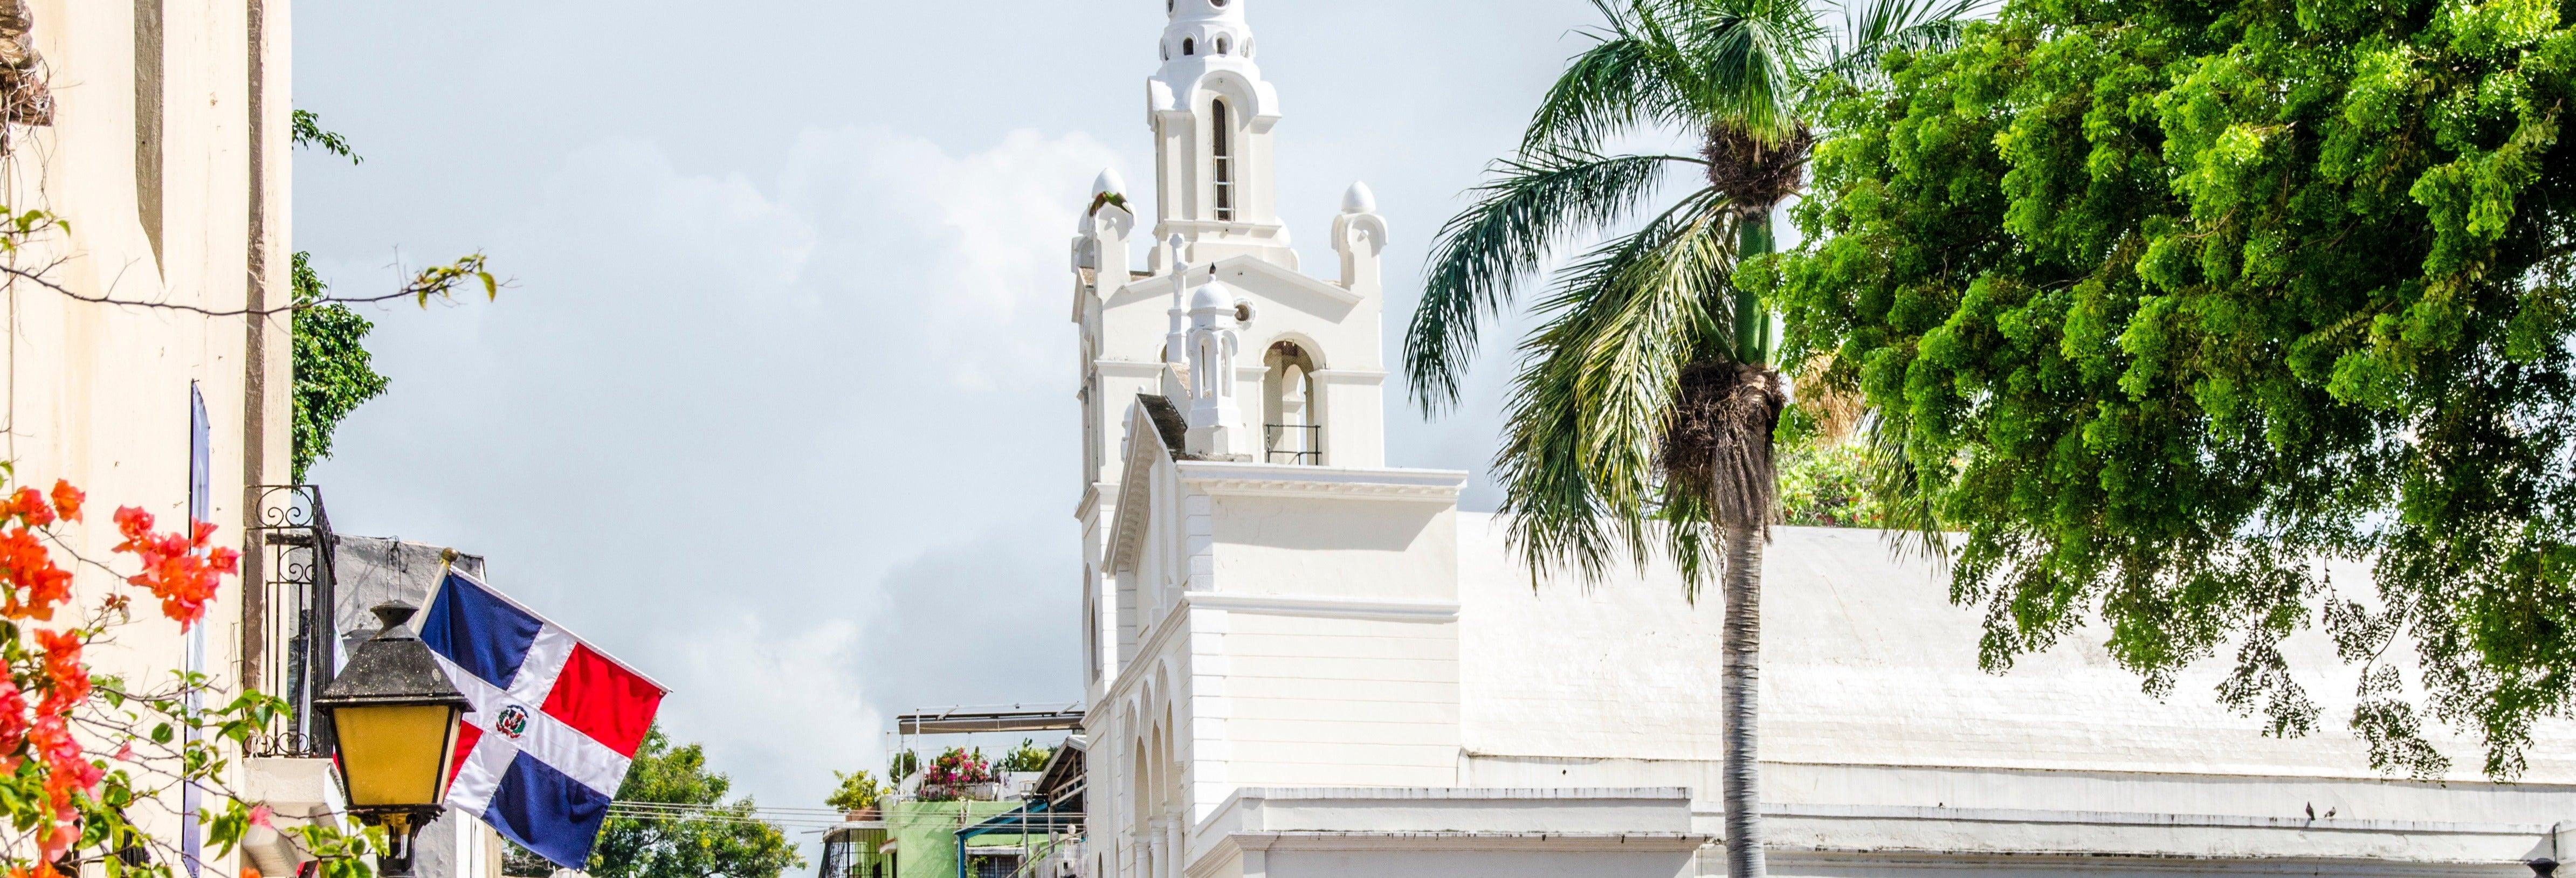 Excursão a Santo Domingo de avião